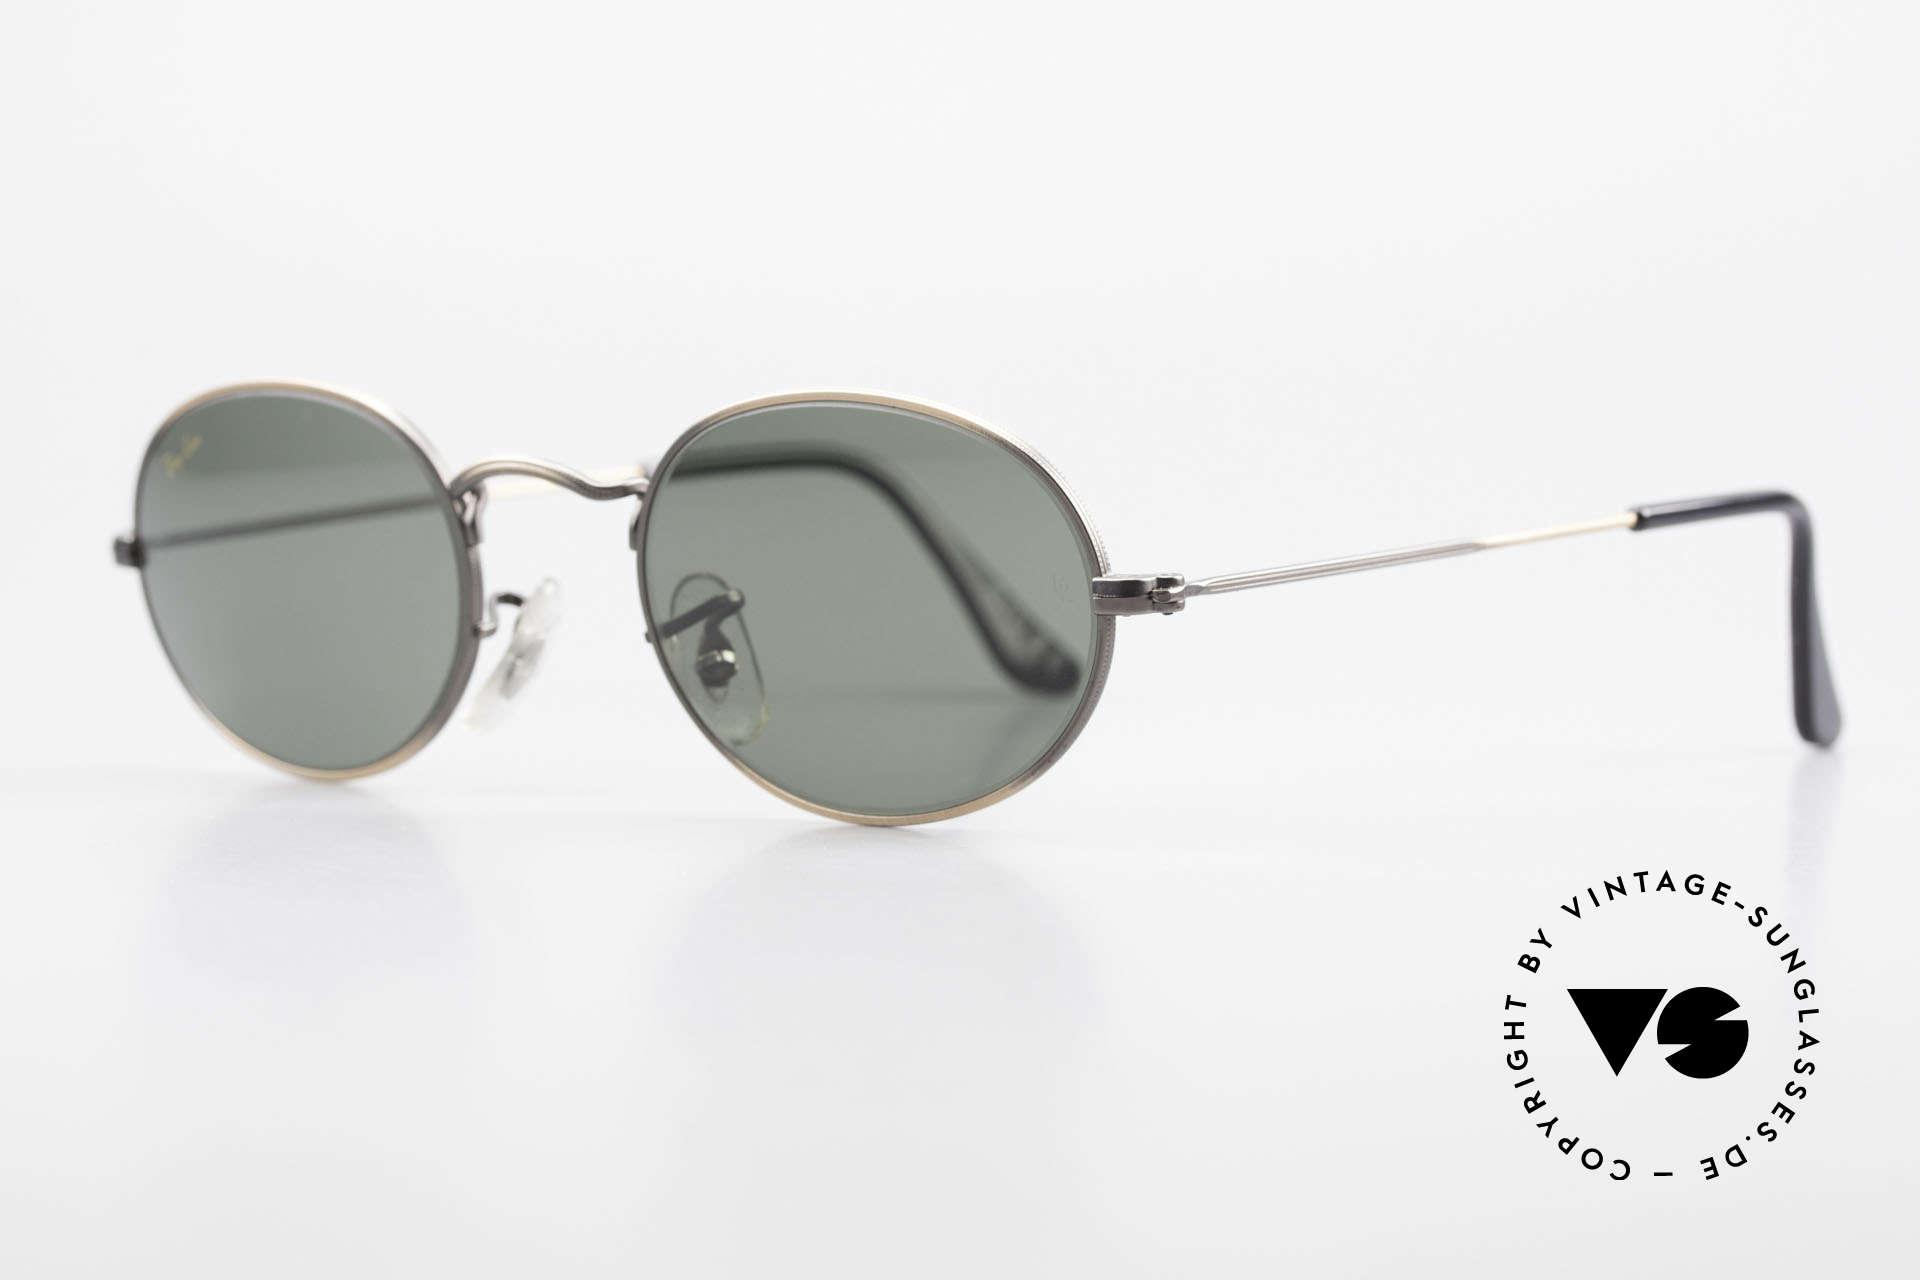 Ray Ban Classic Style I Ovale Ray-Ban Sonnenbrille, beste Qualität von Bausch&Lomb (B&L), 100% UV, Passend für Herren und Damen